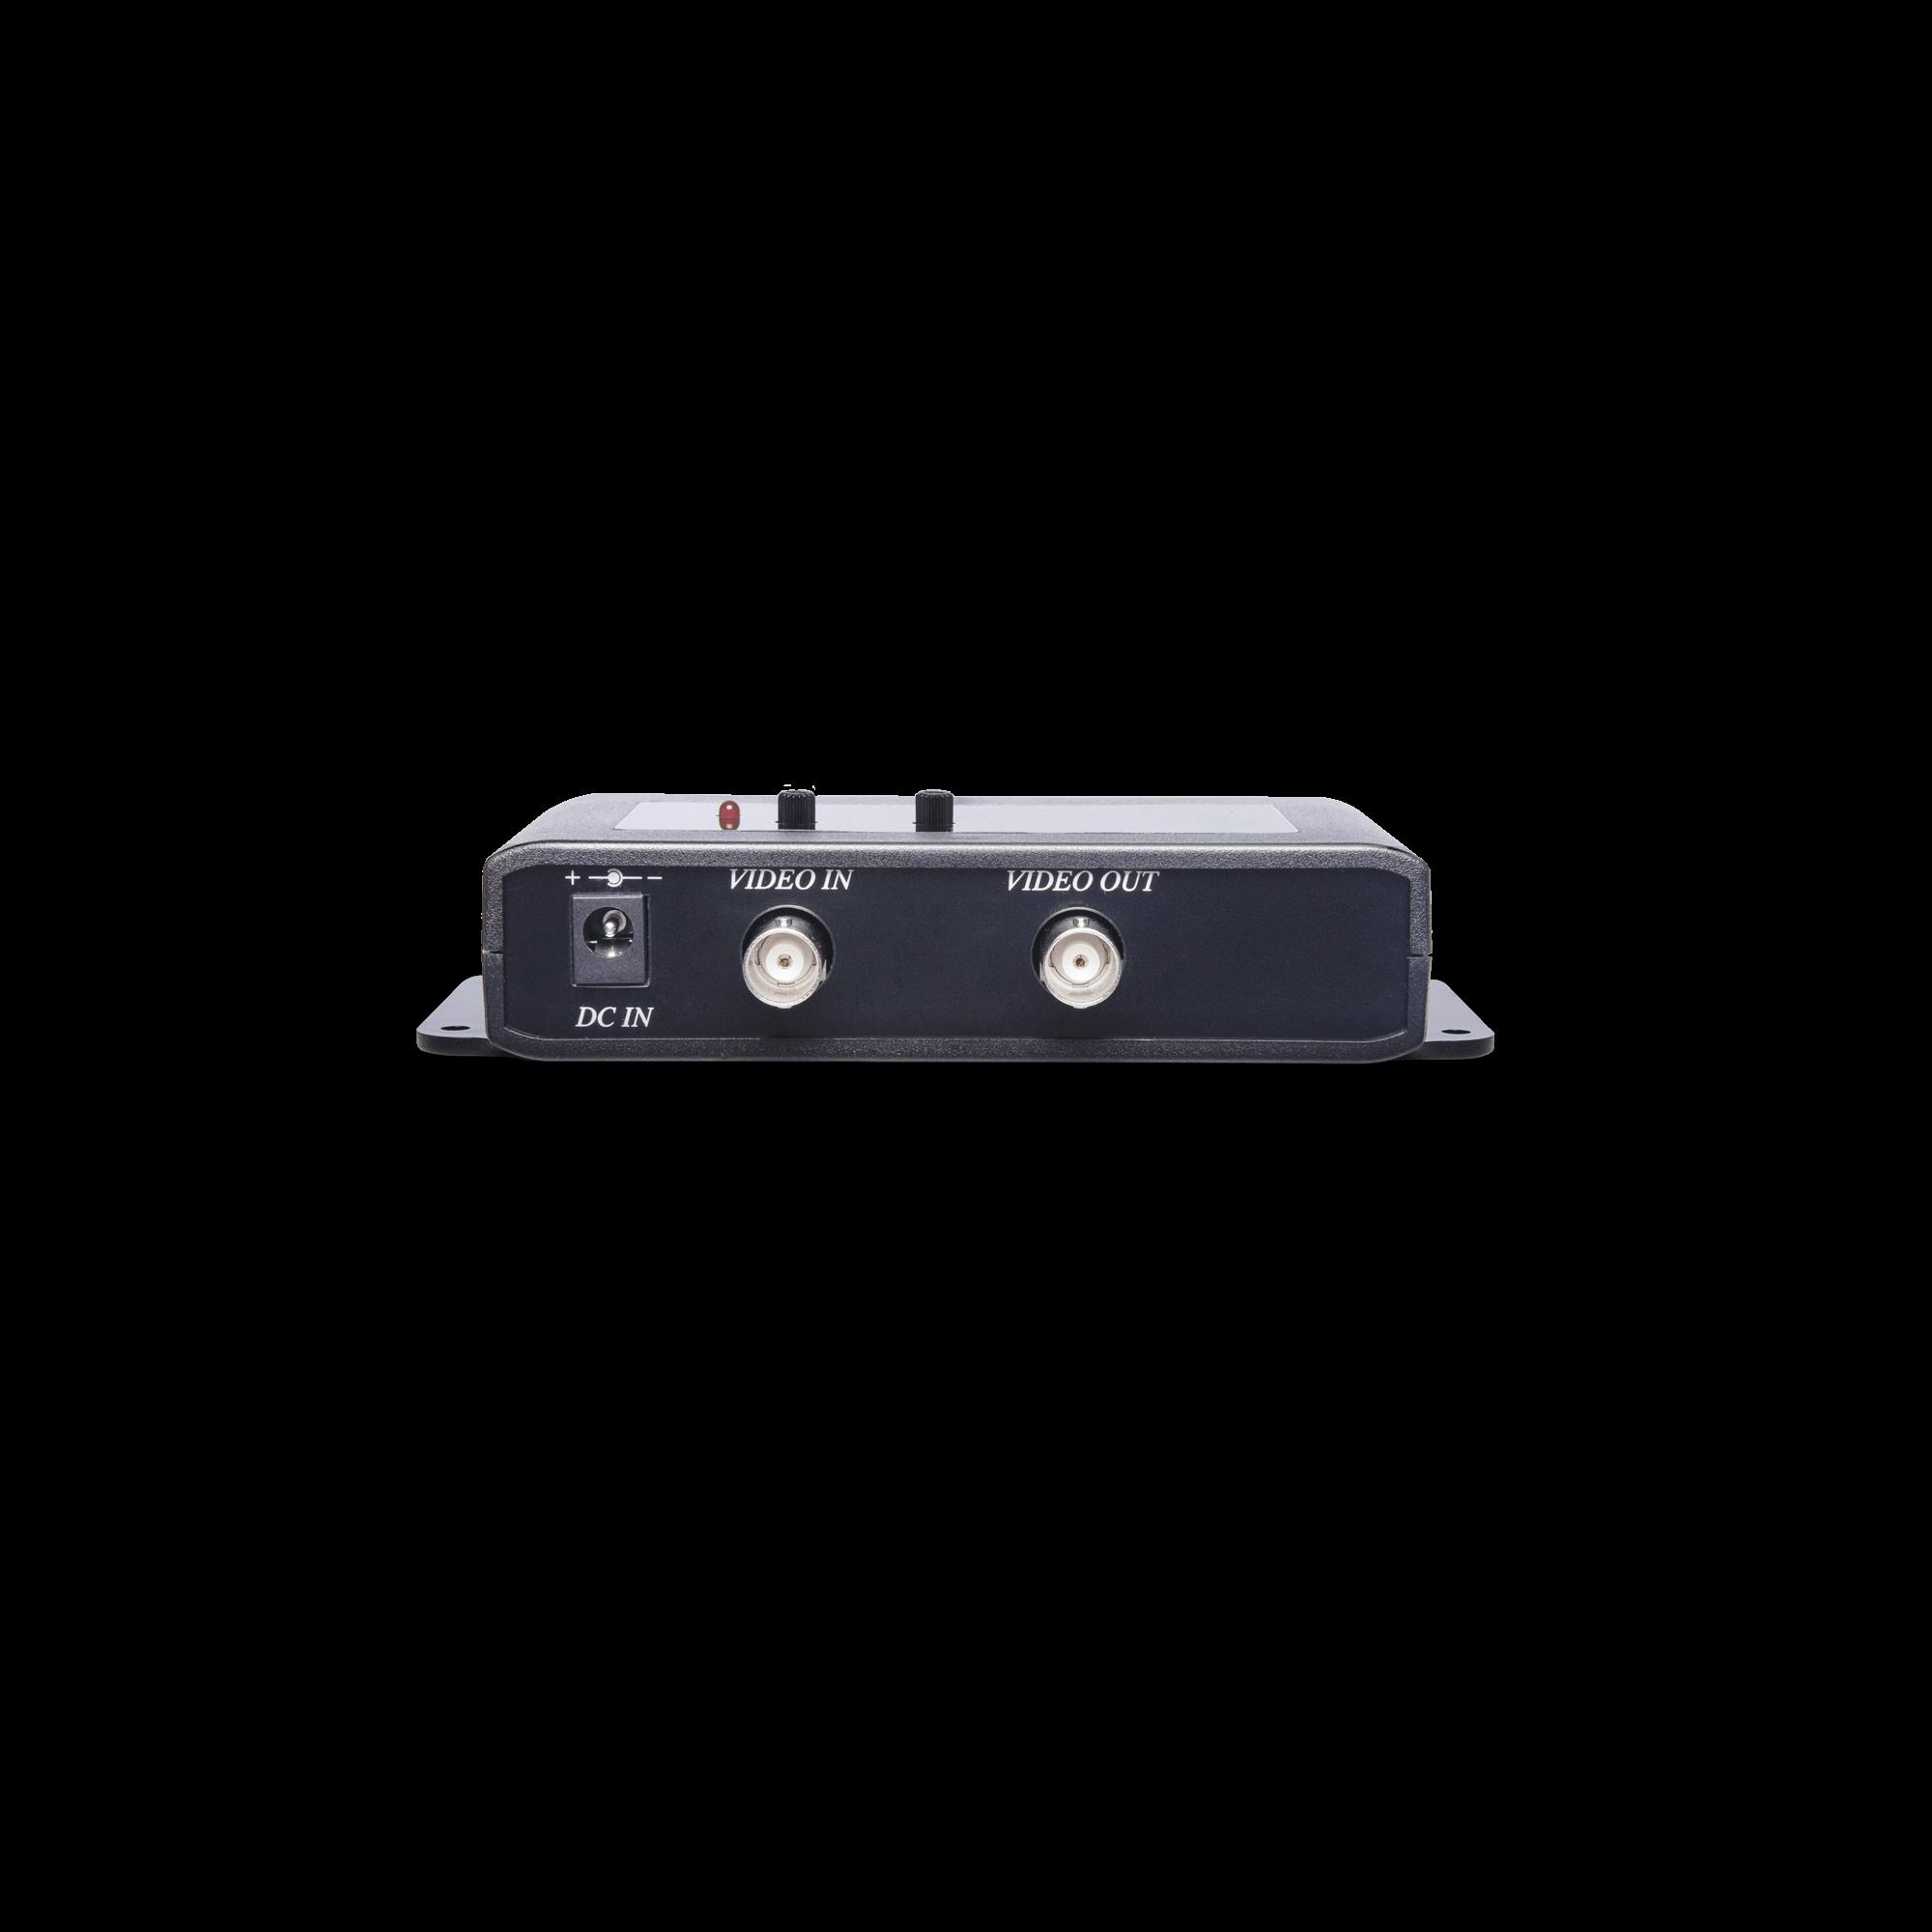 1 x 1 CVBS Video Amplifier